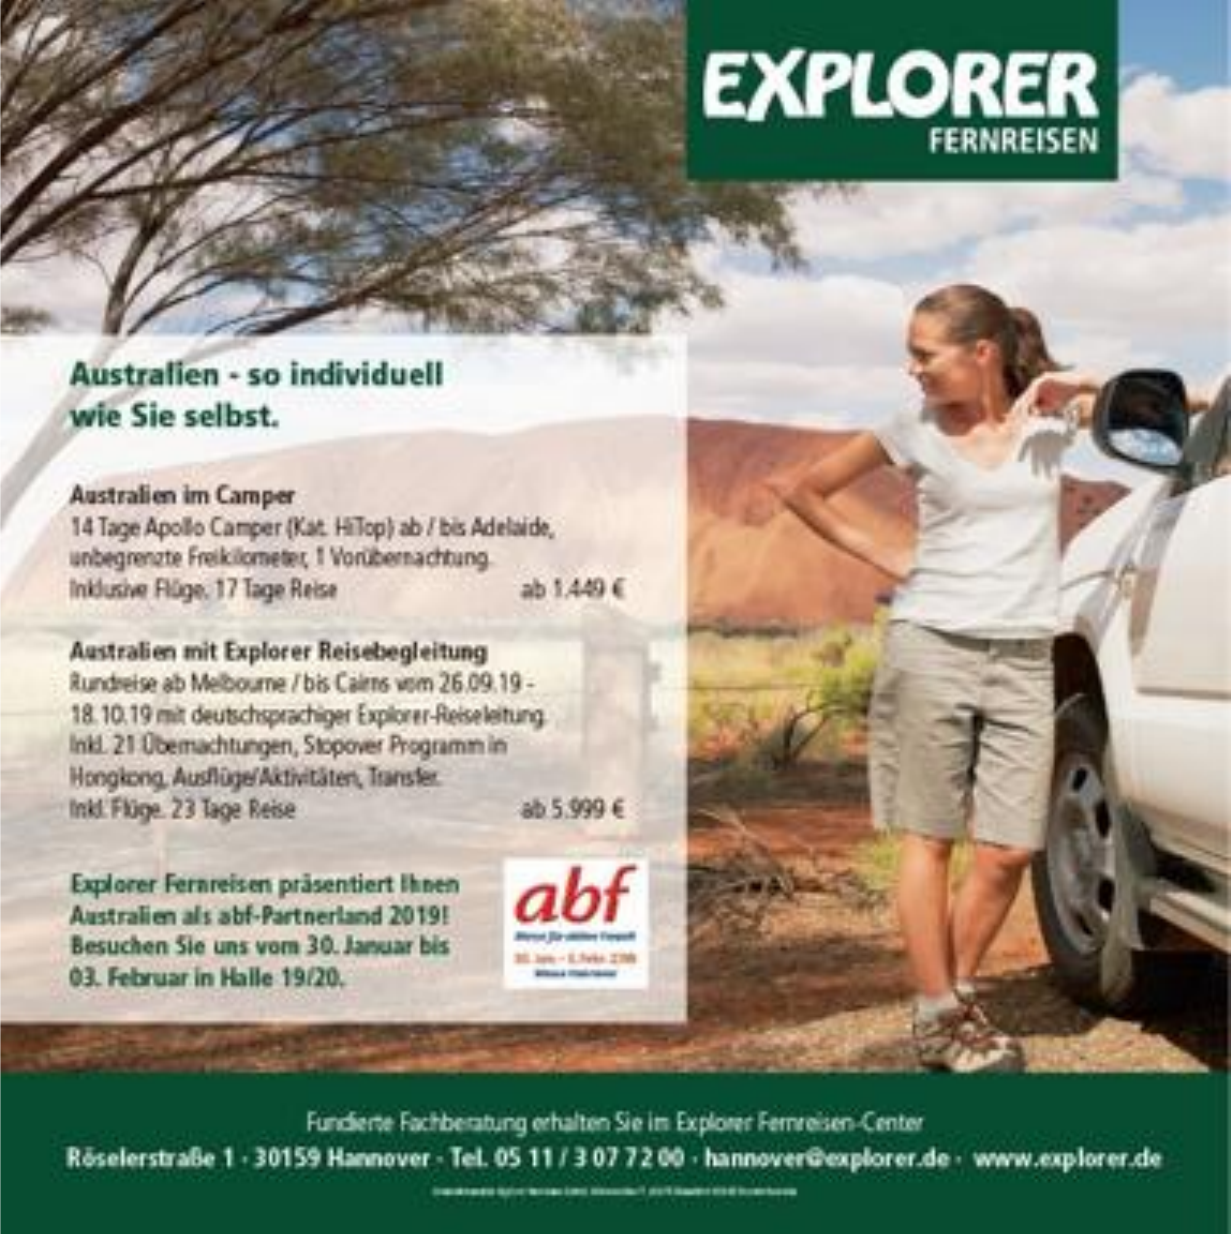 Explorer Fernreisen